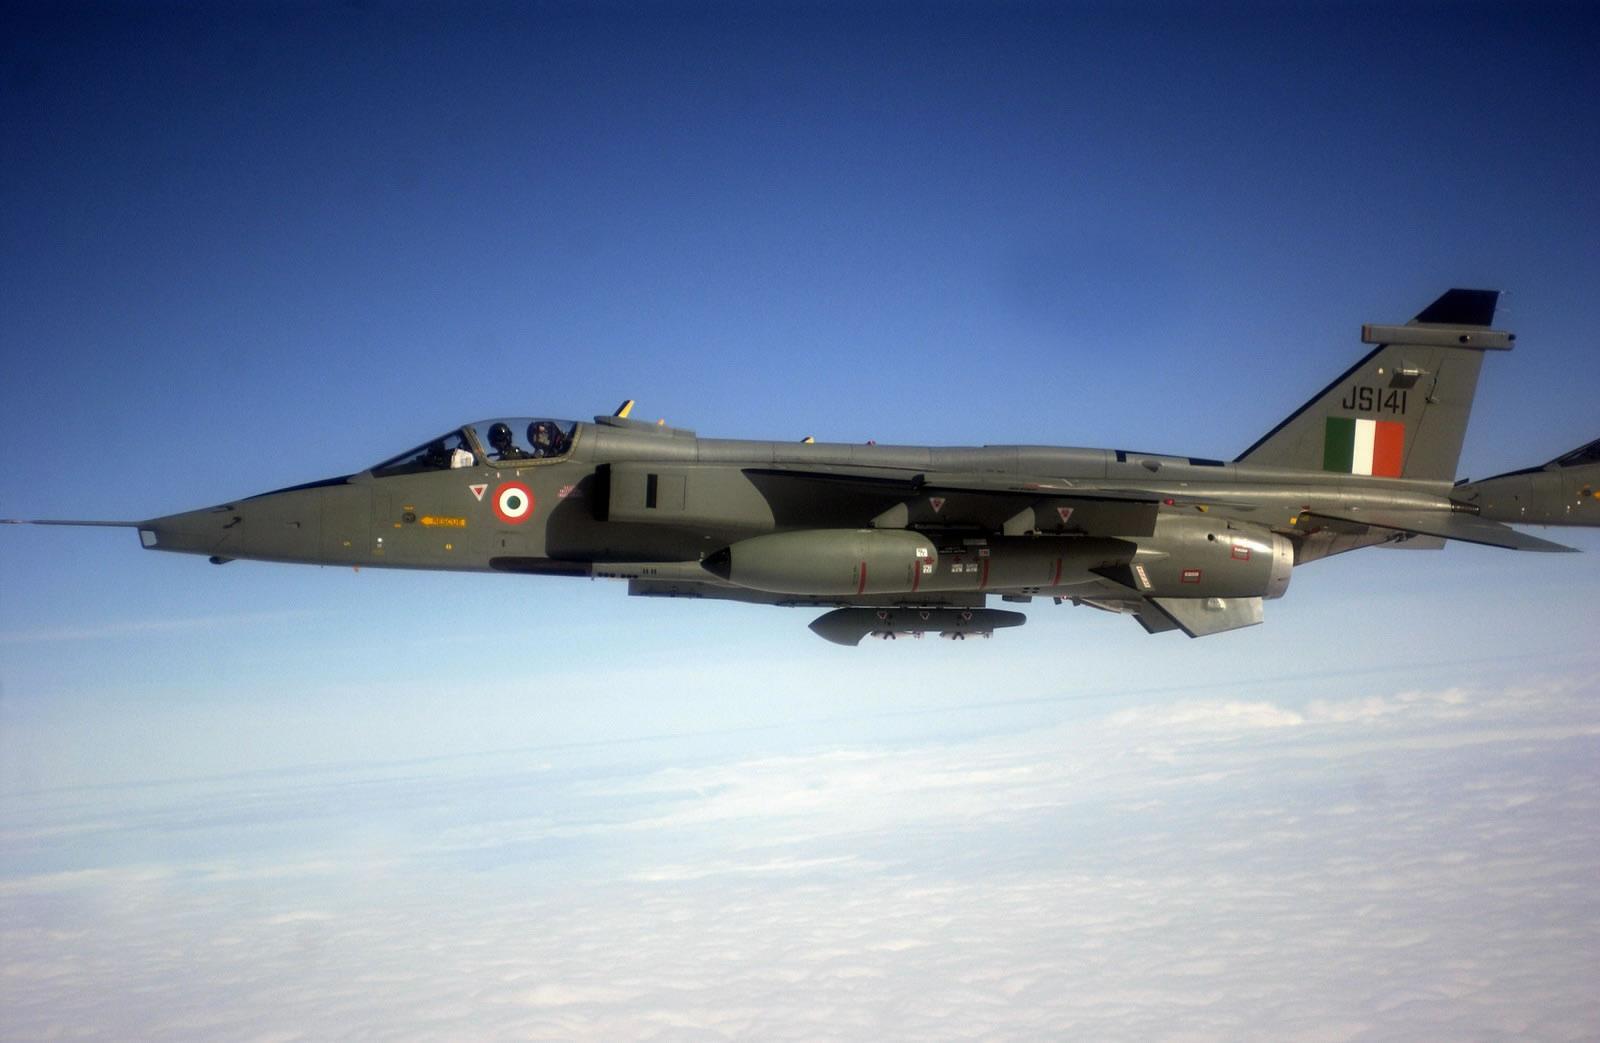 Índia abre concorrência para a compra de mais de 100 mísseis para os seus caças Jaguar